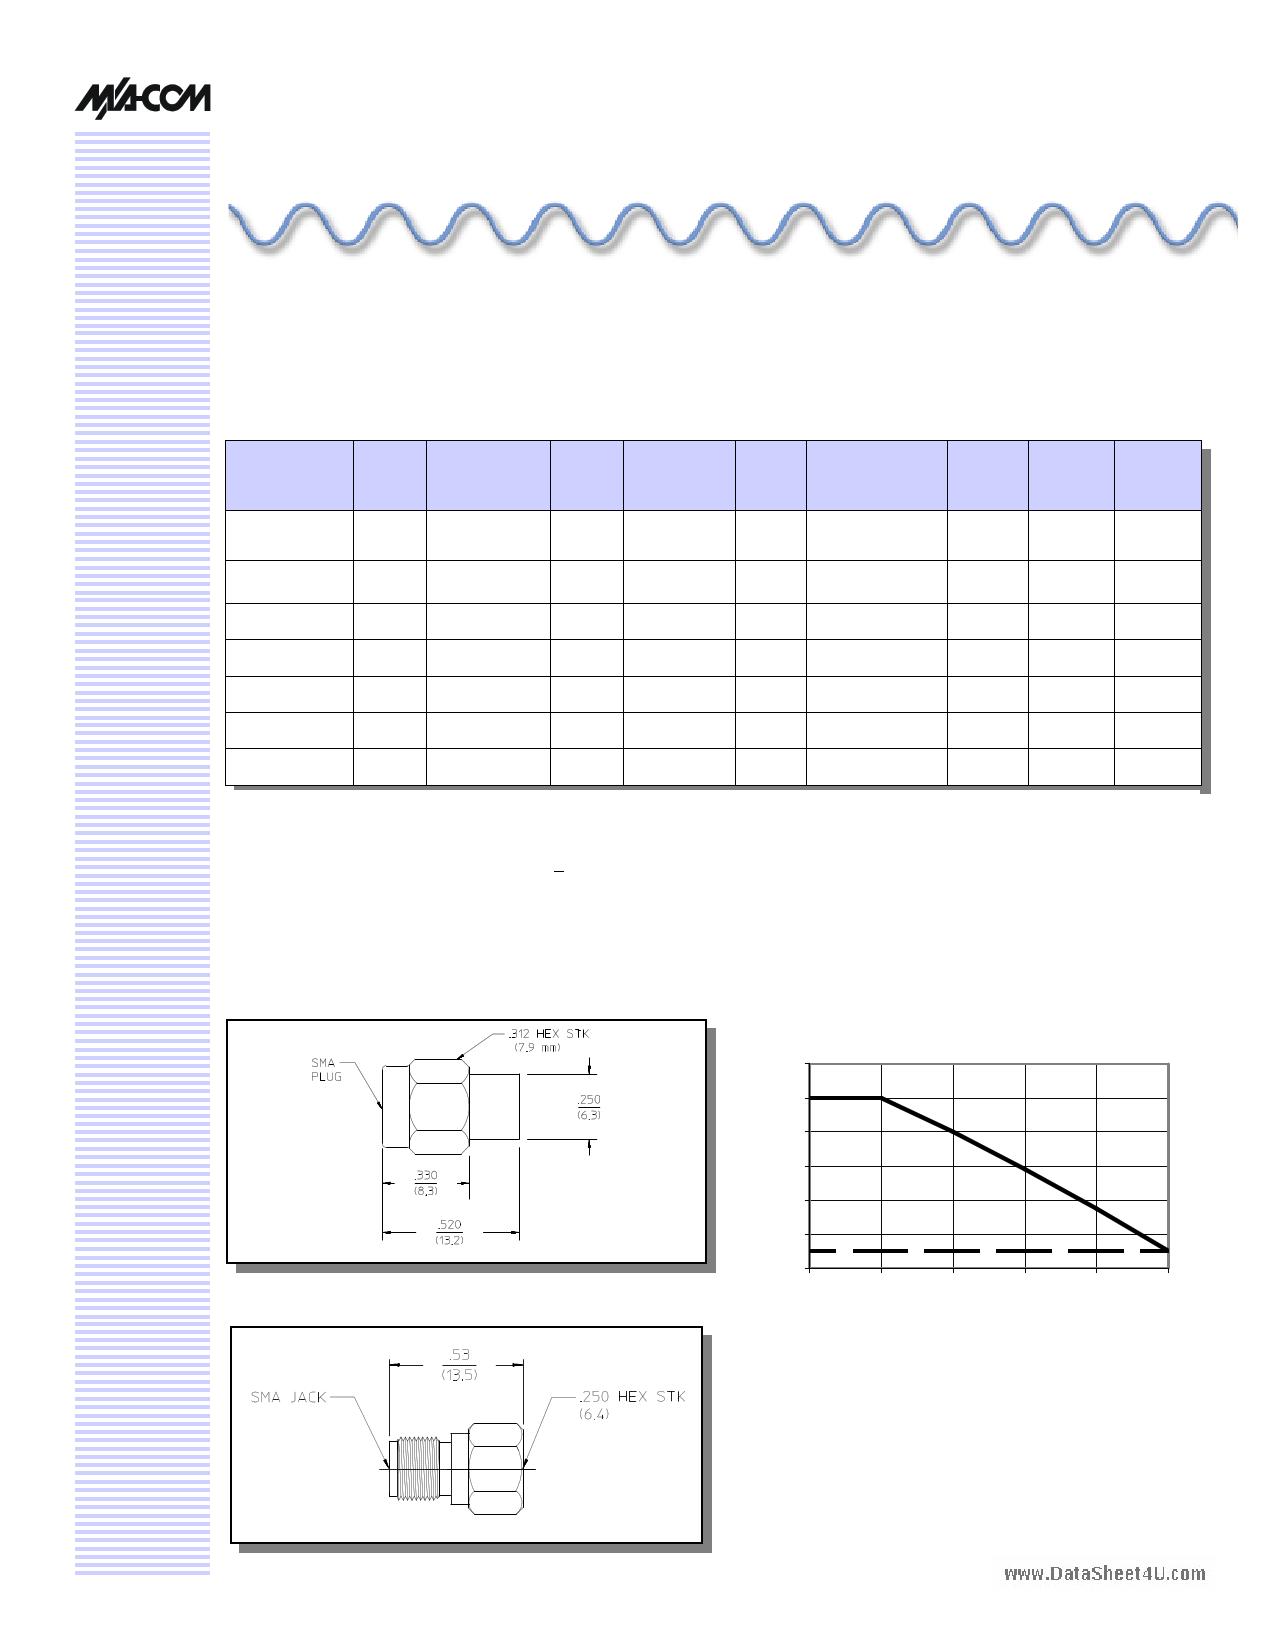 2001-6143-00 datasheet